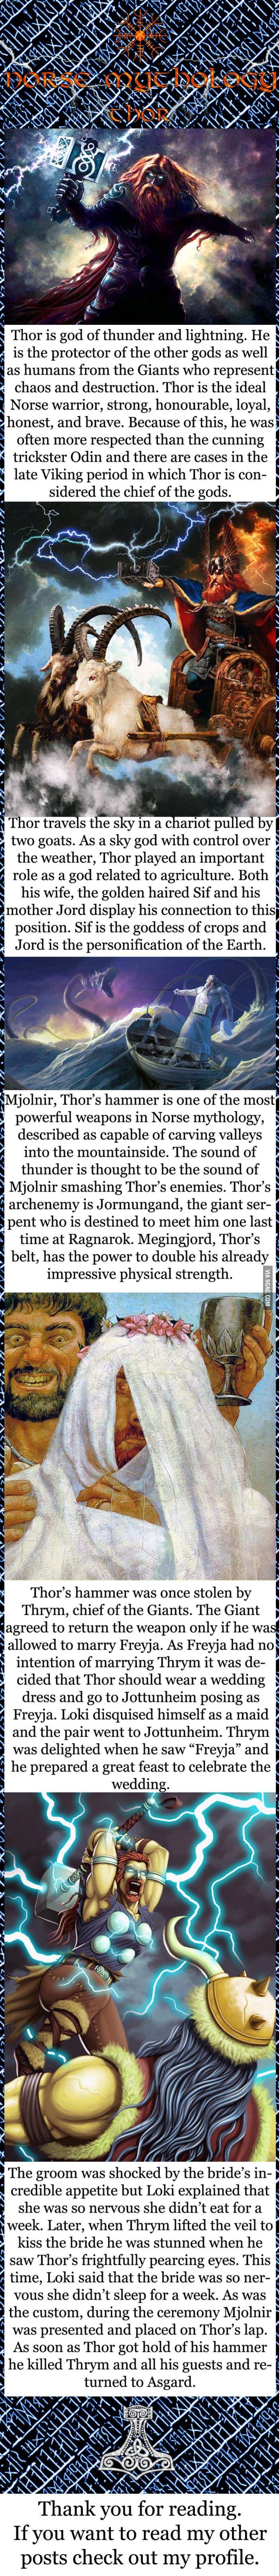 Norse mythology - Thor